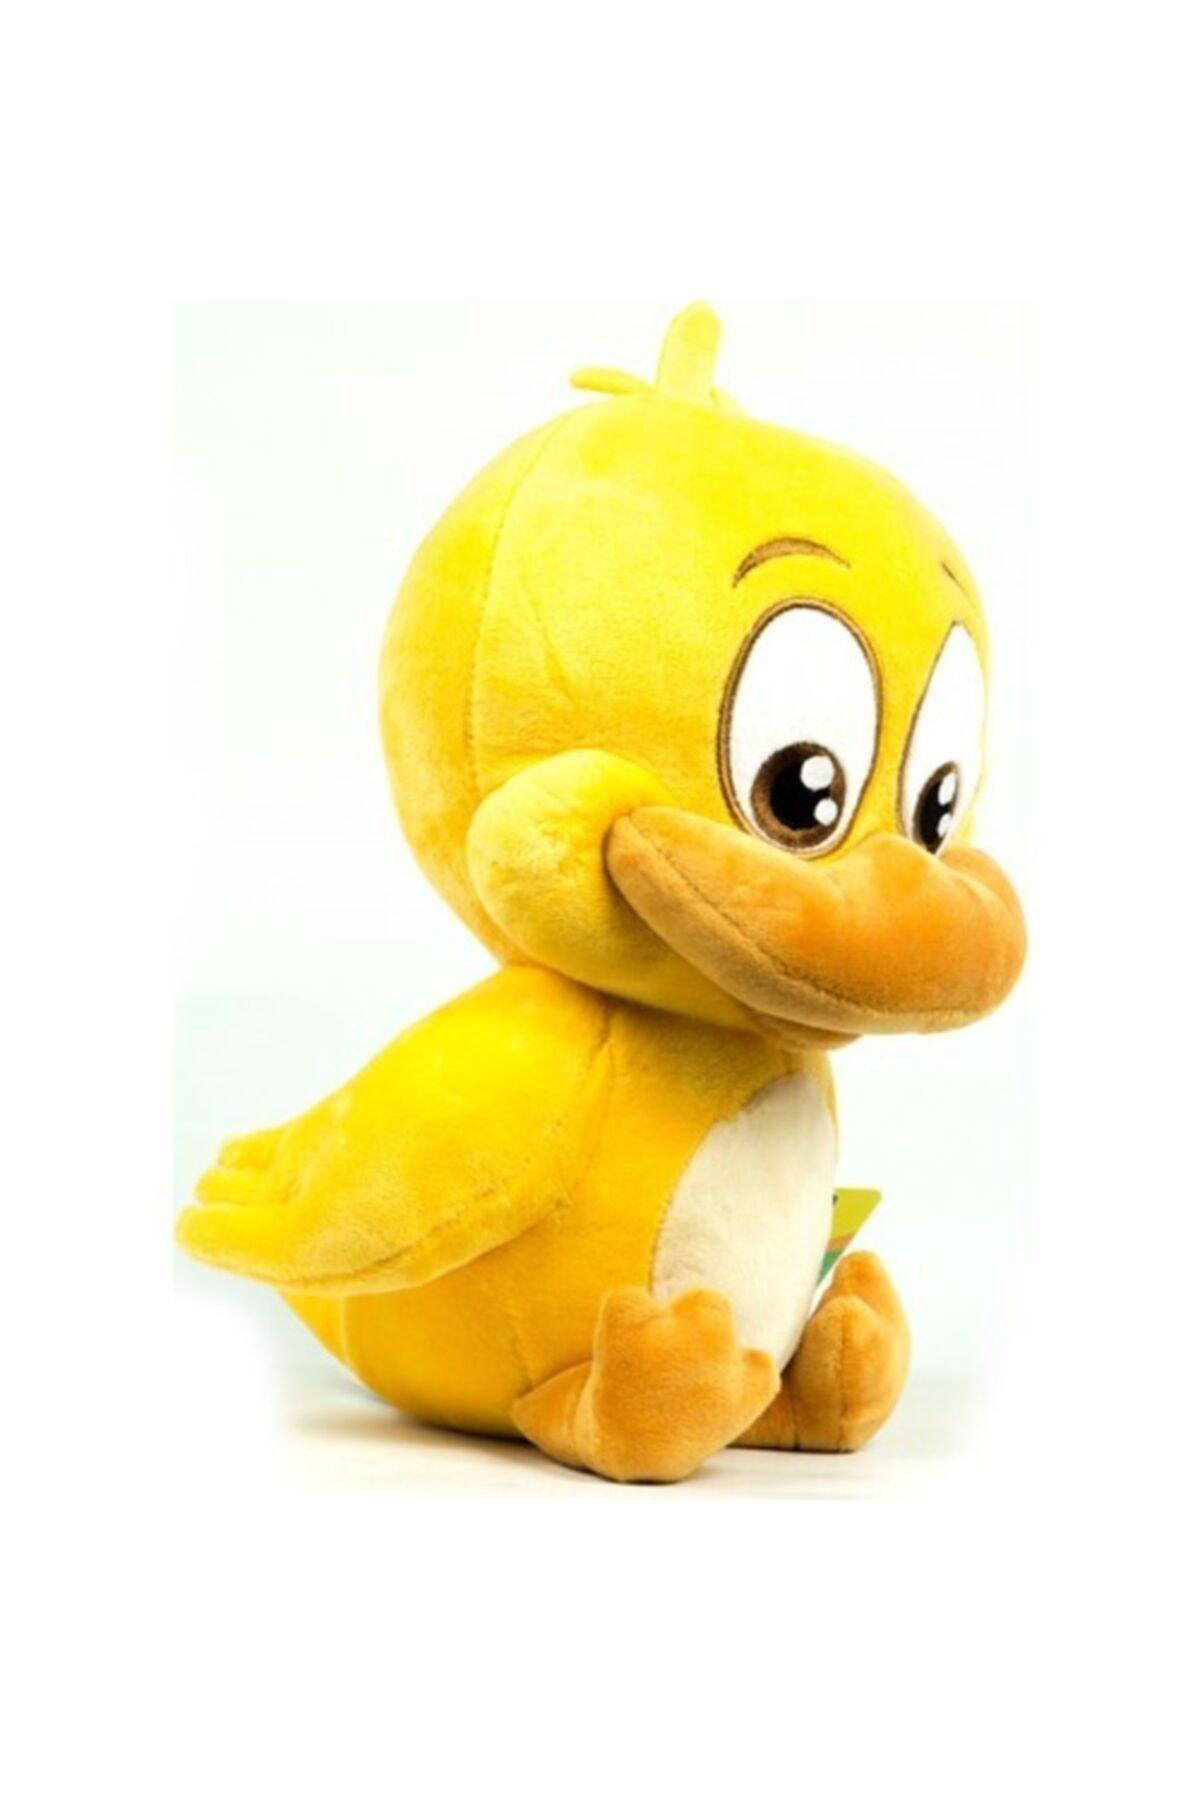 Sevimli Dostlar Peluş Şaşkın Ördek